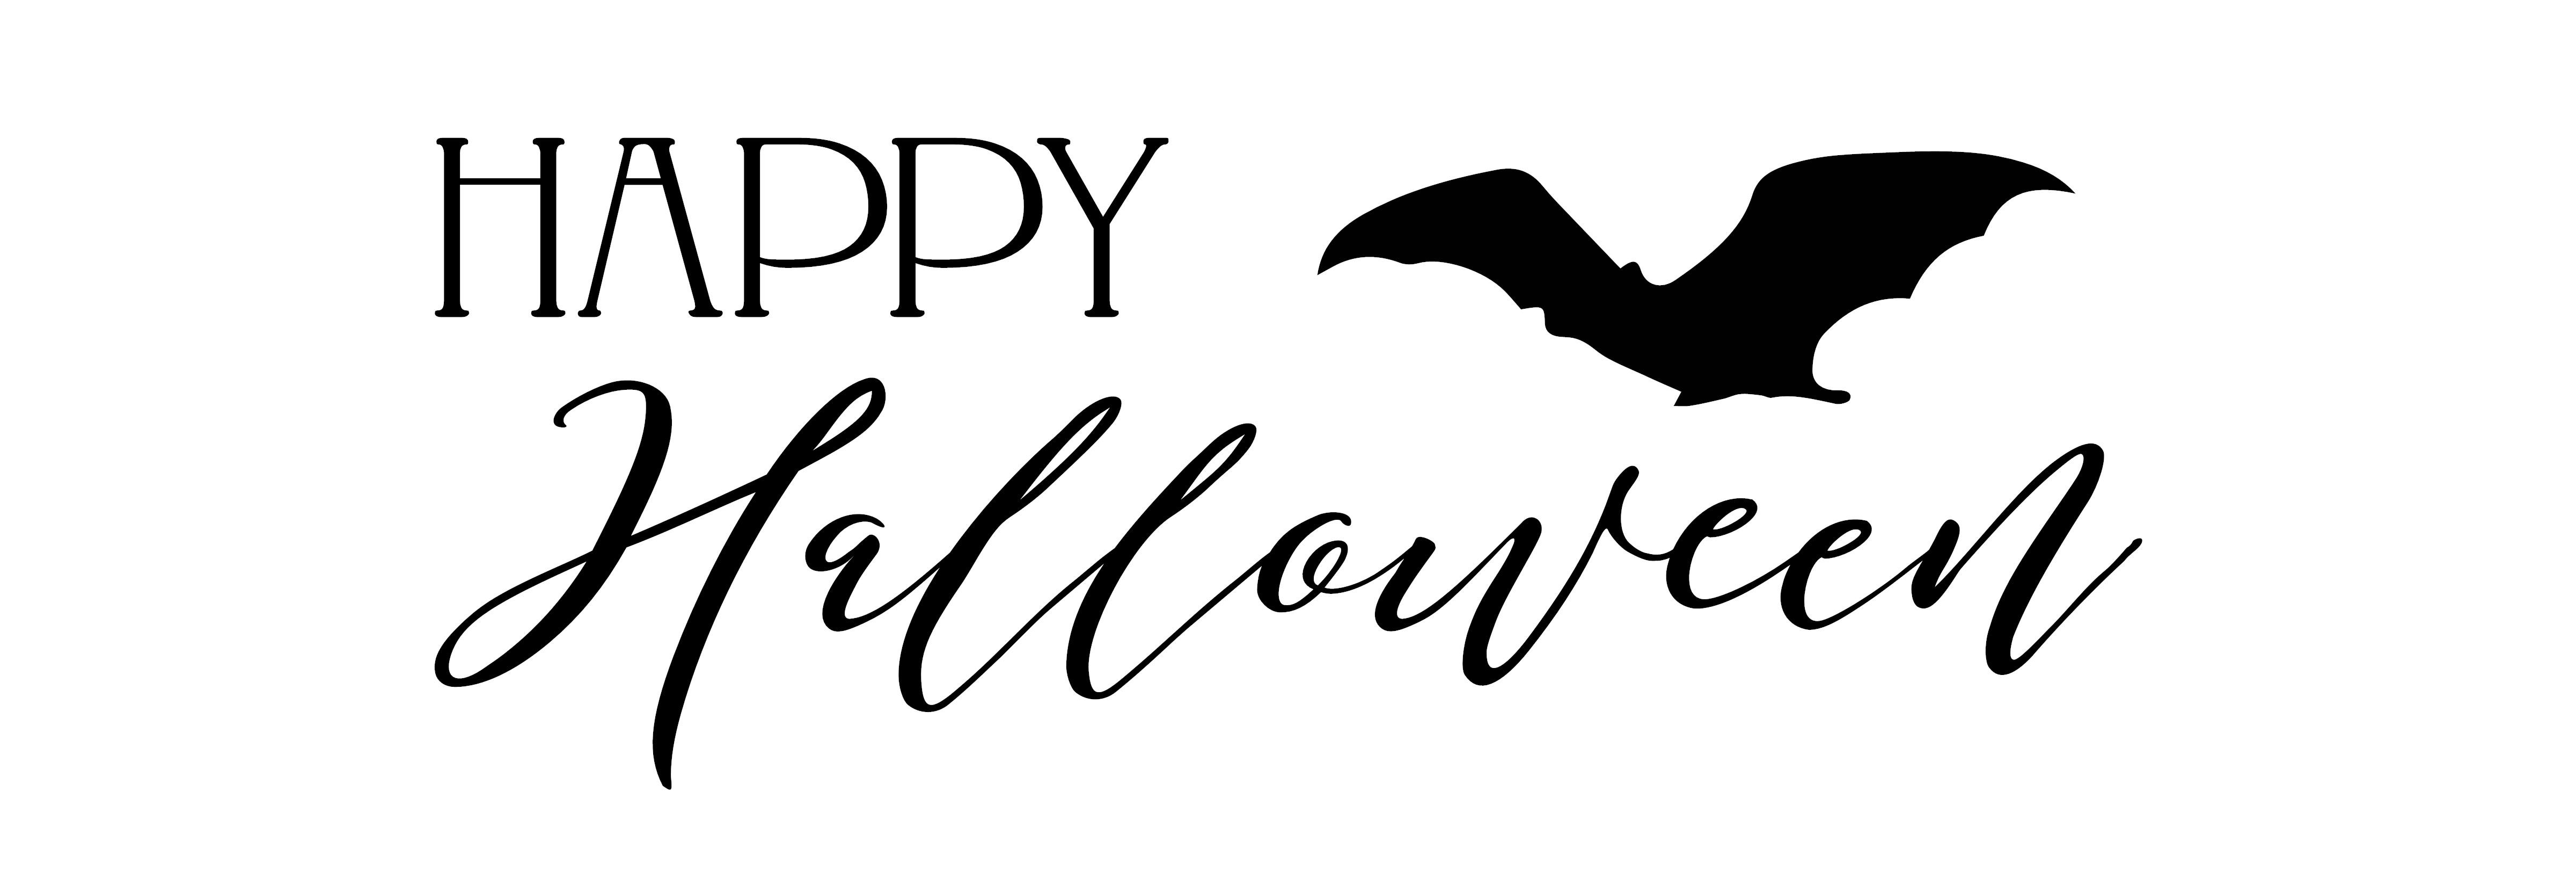 CB-Happy Halloween